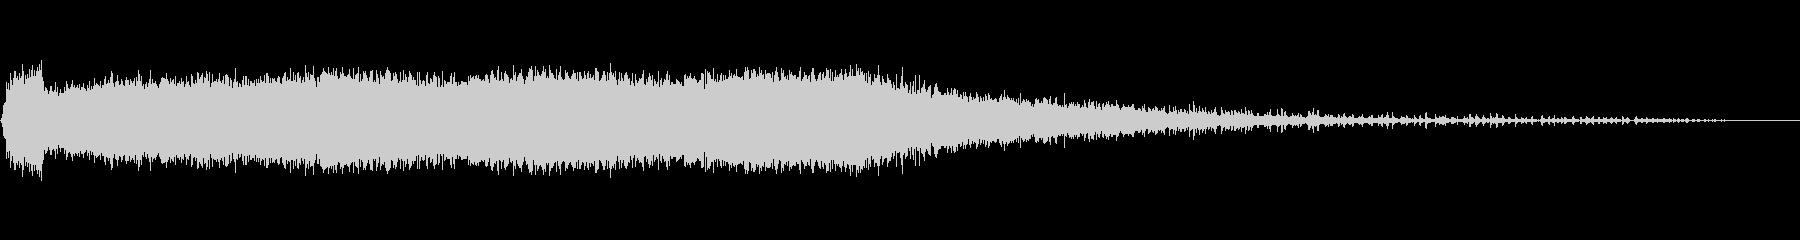 丸鋸3回の未再生の波形